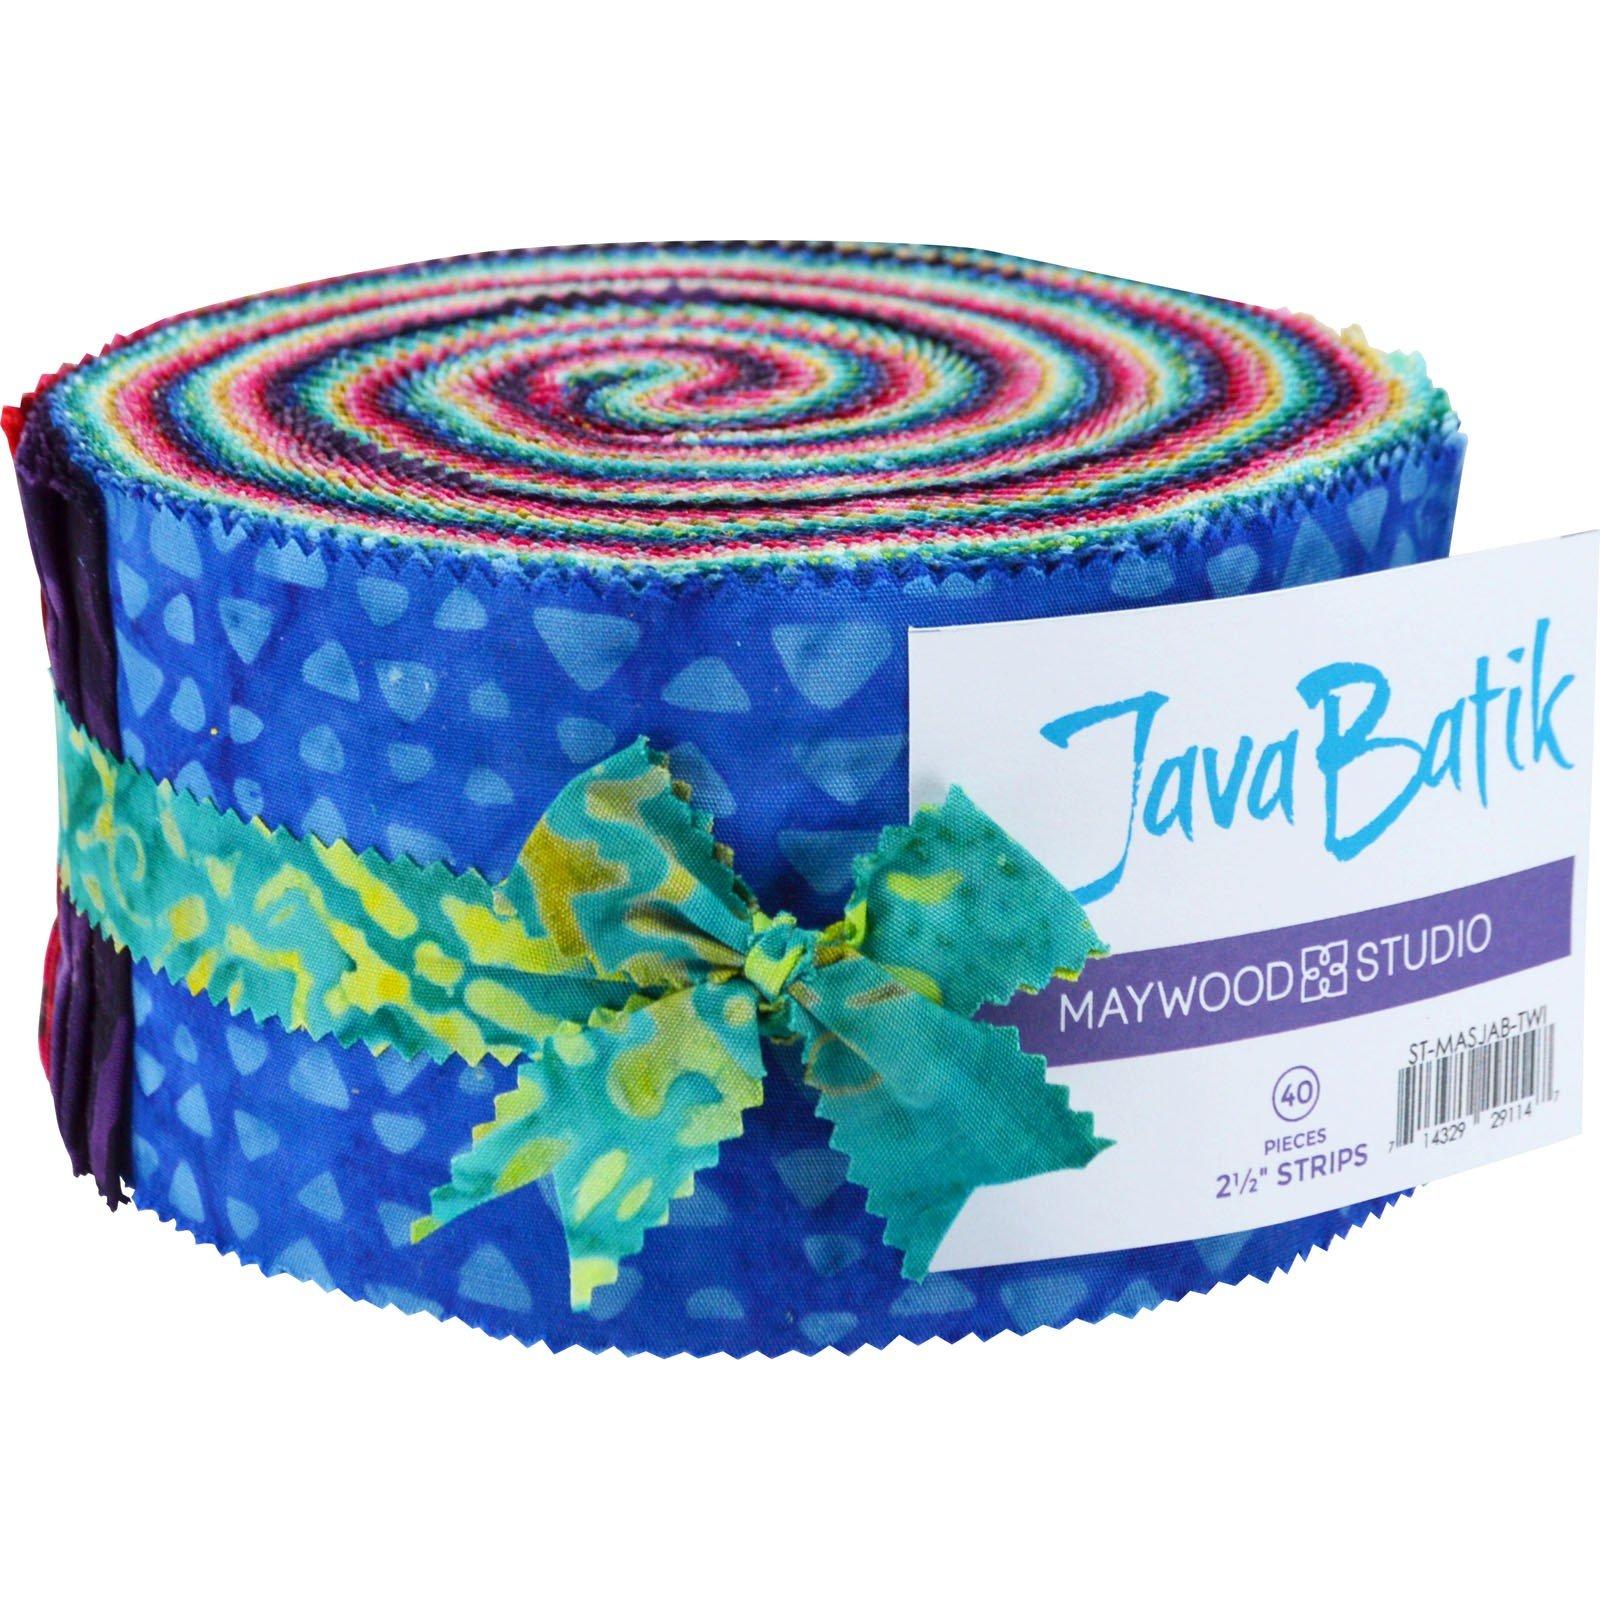 Fabric. Java Batiks TWILIGHT Pre-Cut strips Jelly Roll (40)